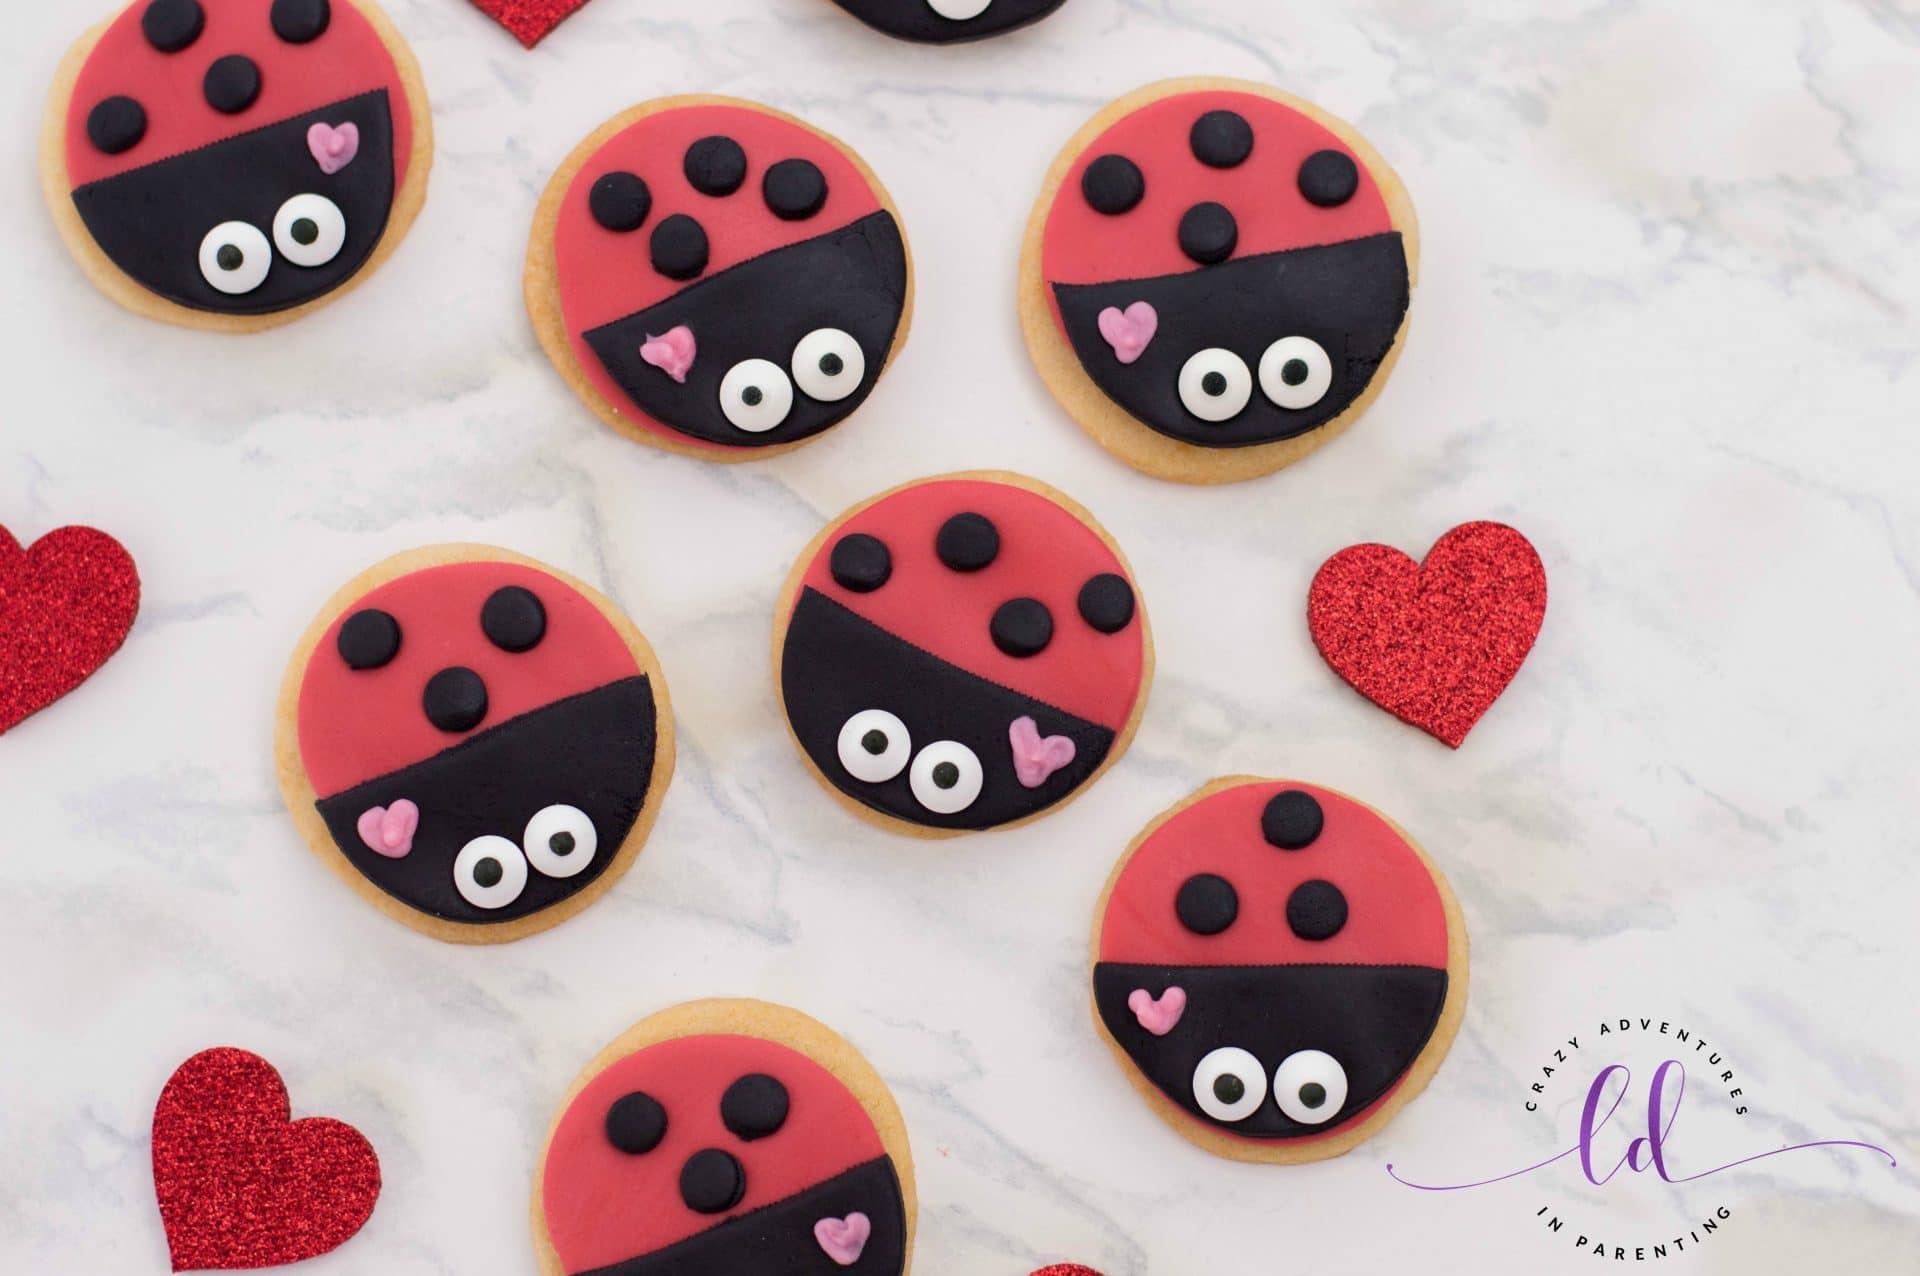 Lovebug Ladybug Cookies for Valentine's